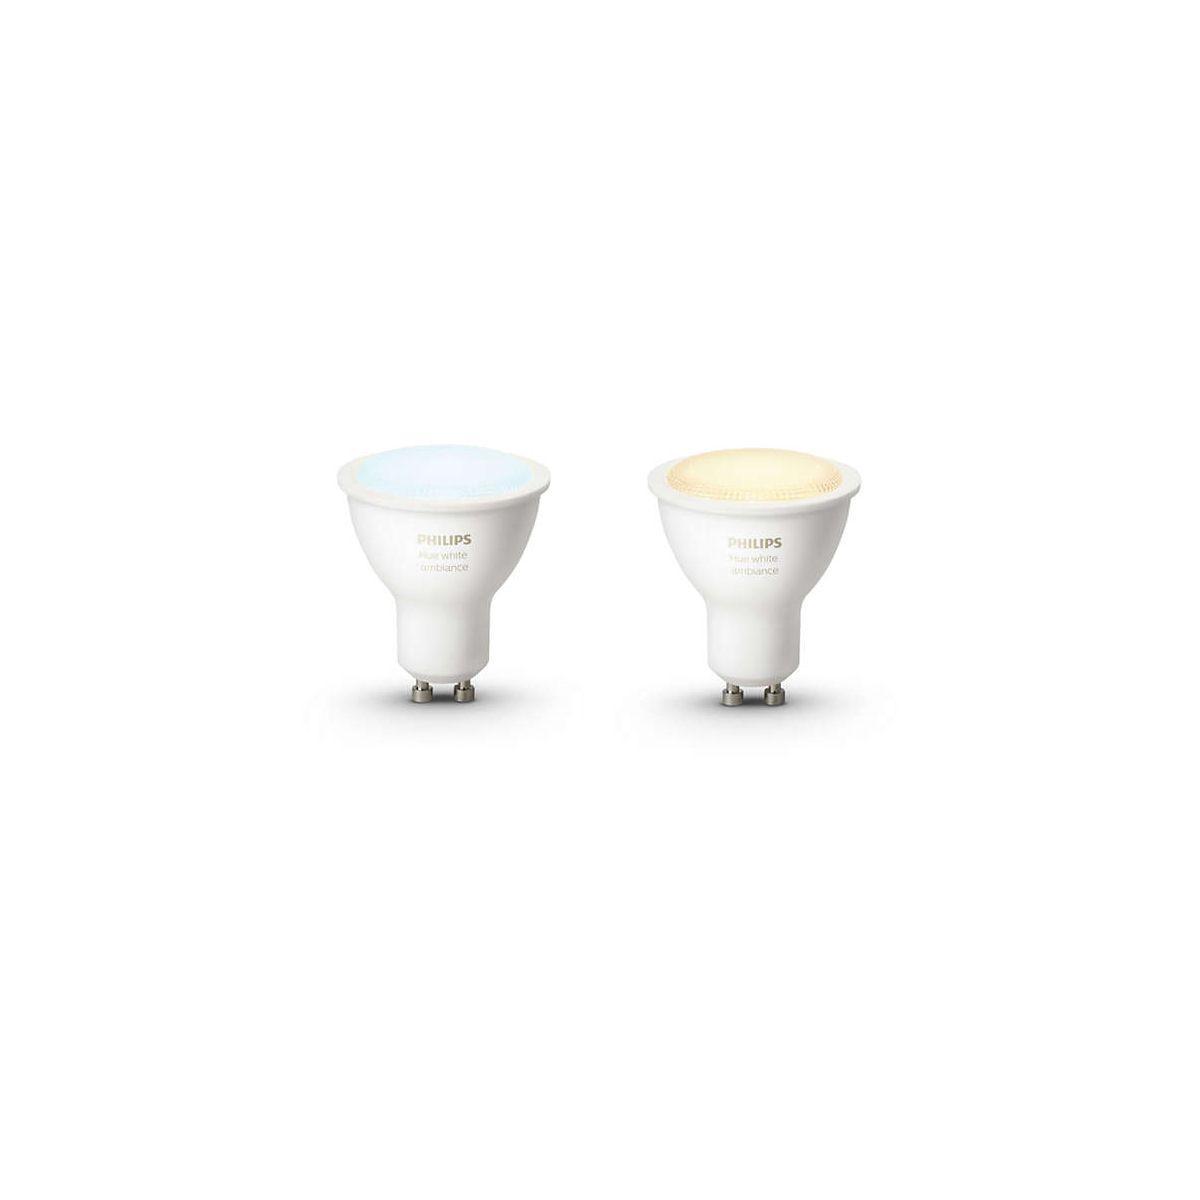 Ampoule connectable philips pack x2 gu10 white & ambiance - 2% de remise imm�diate avec le code : school2 (photo)